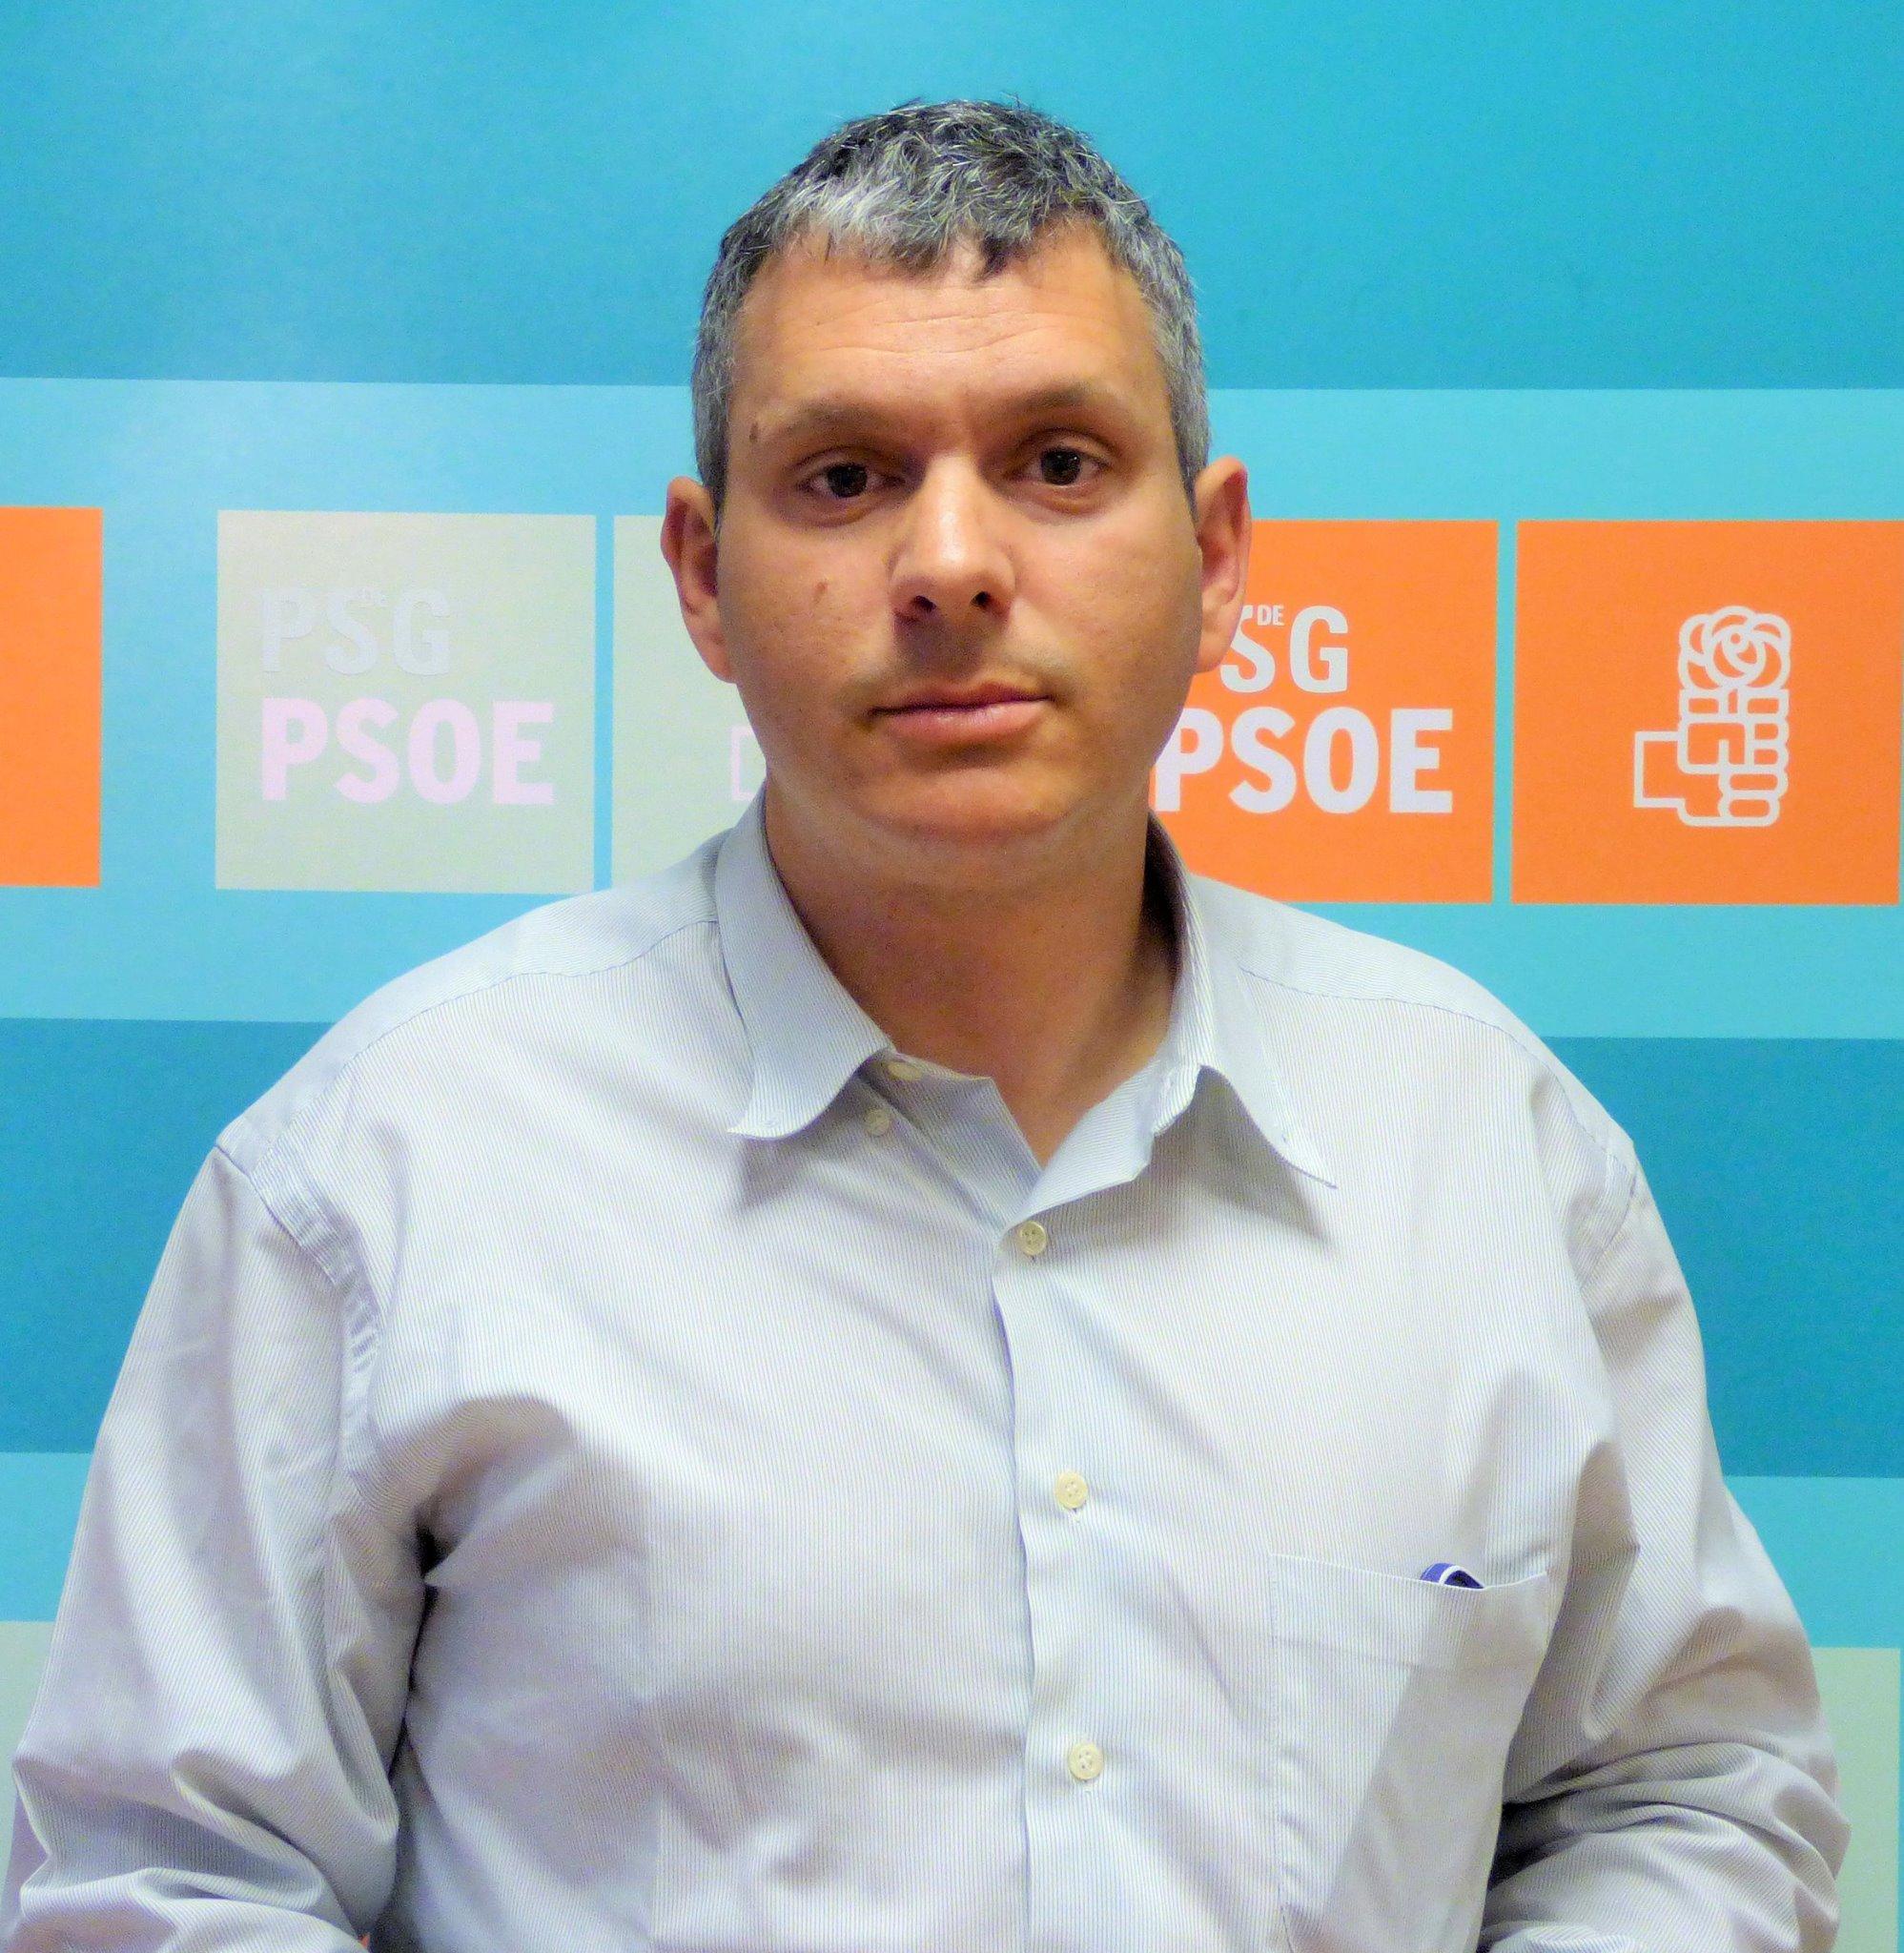 Pedro Rodríguez Palacio